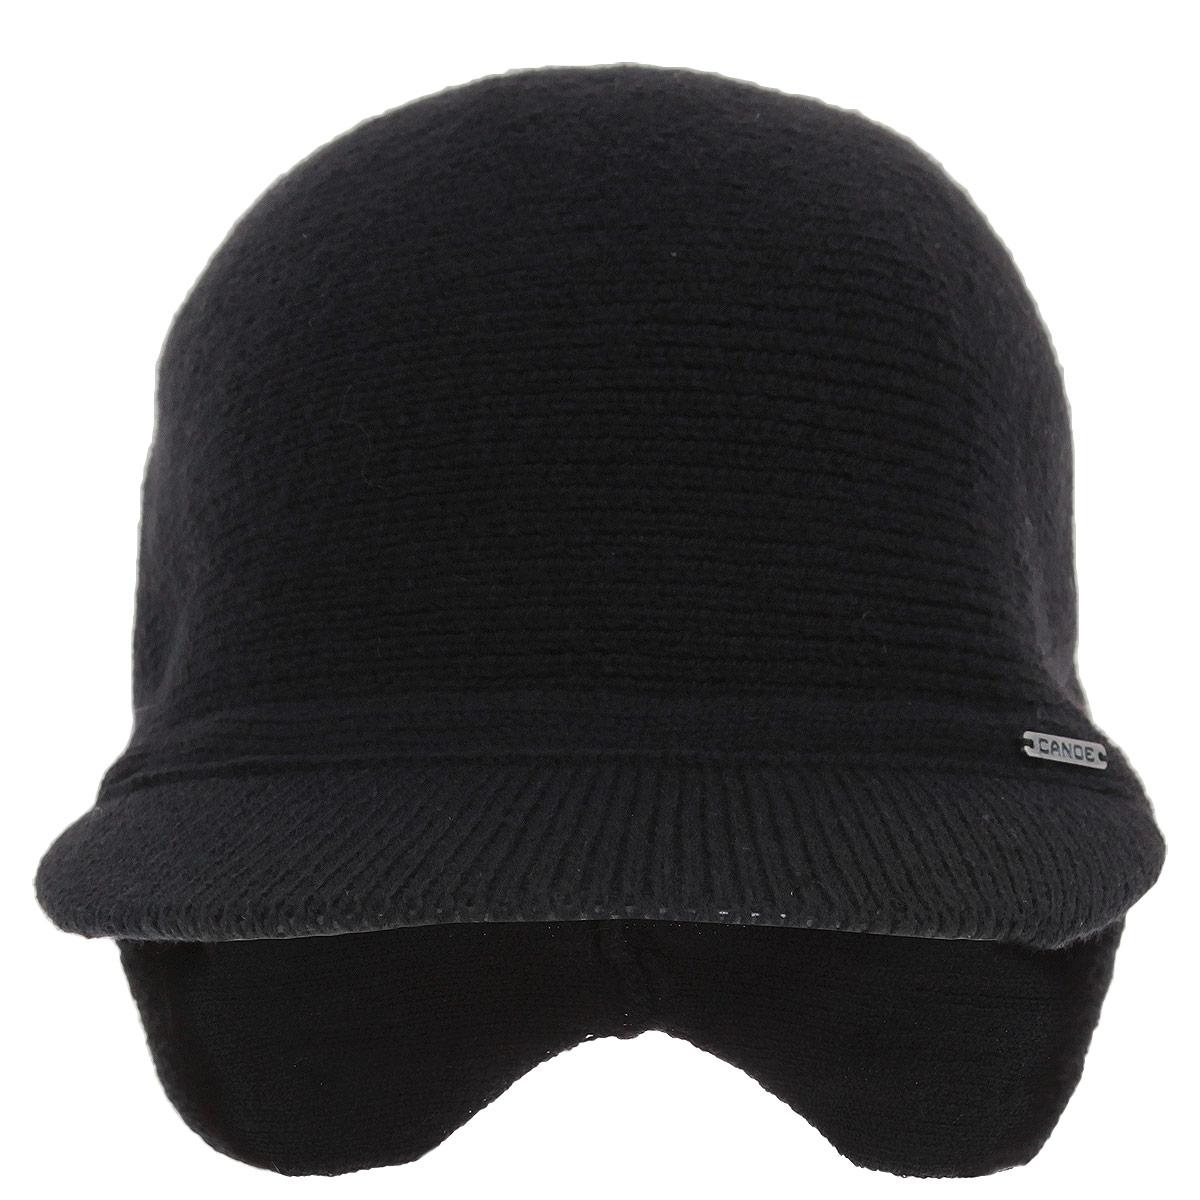 Шапка-кепка мужская Canoe Unix, цвет: черный. 3450171. Размер 56/59